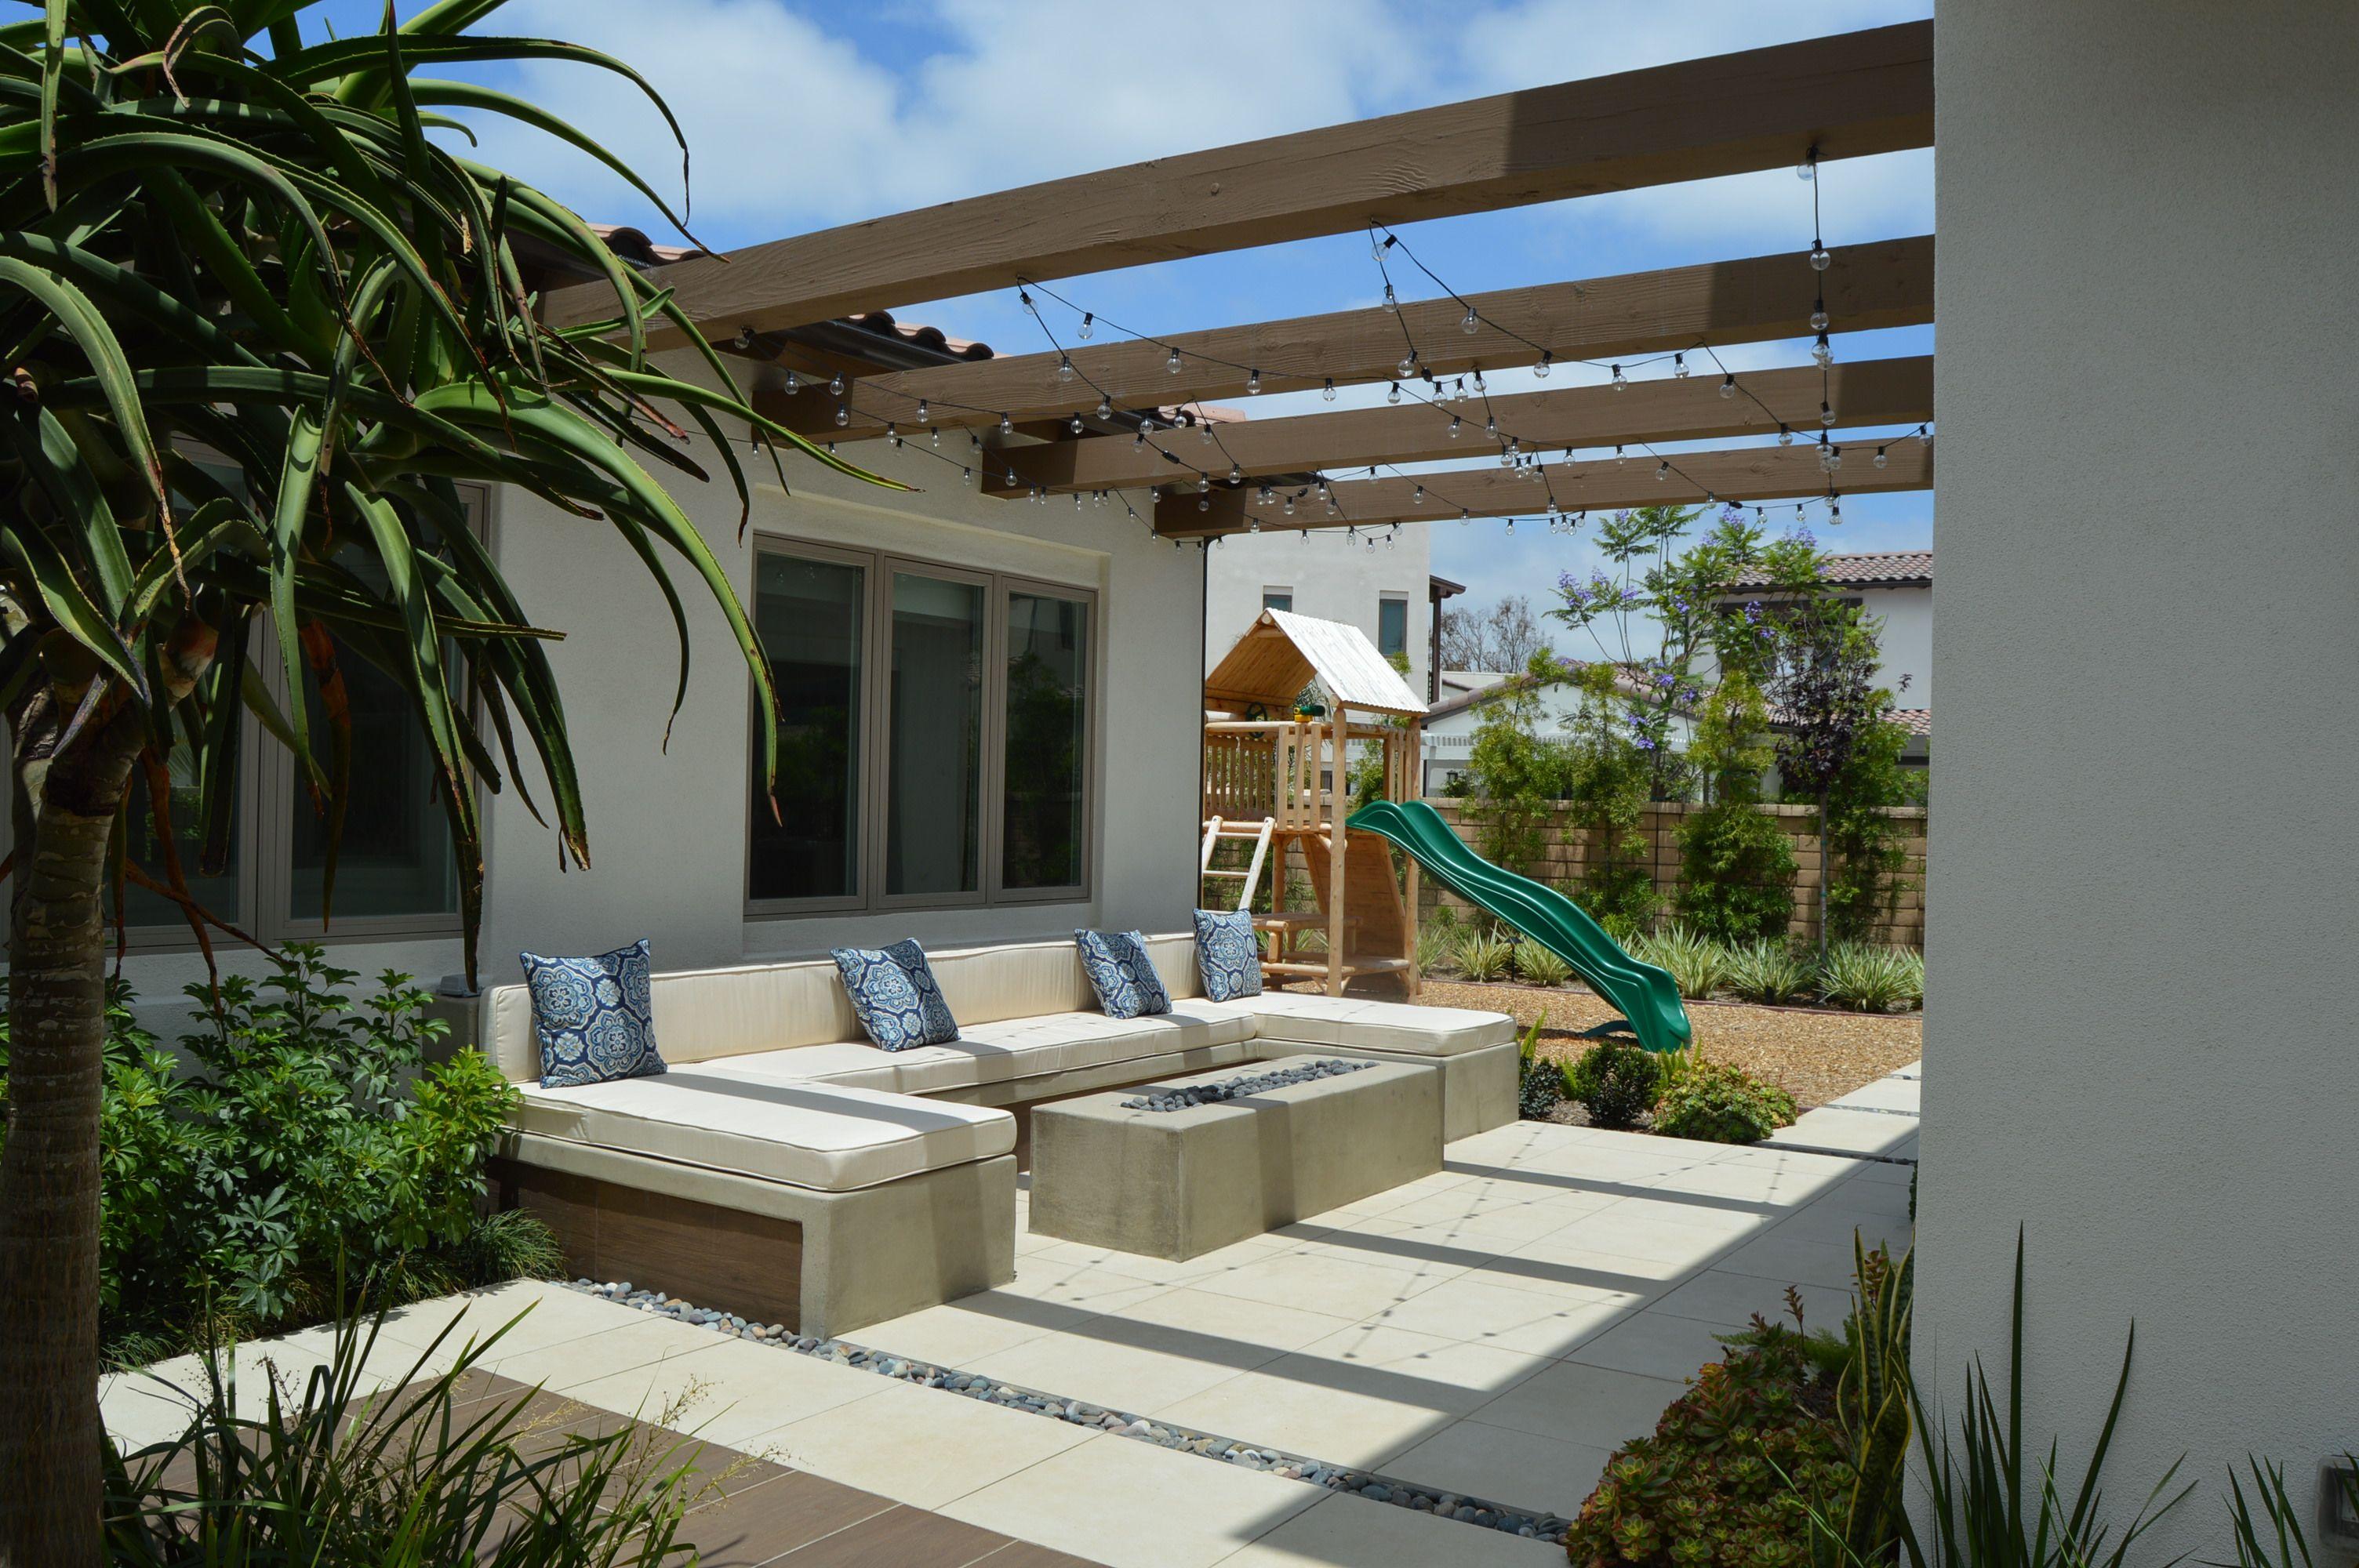 Hardscape and landscape design at San Diego # ...